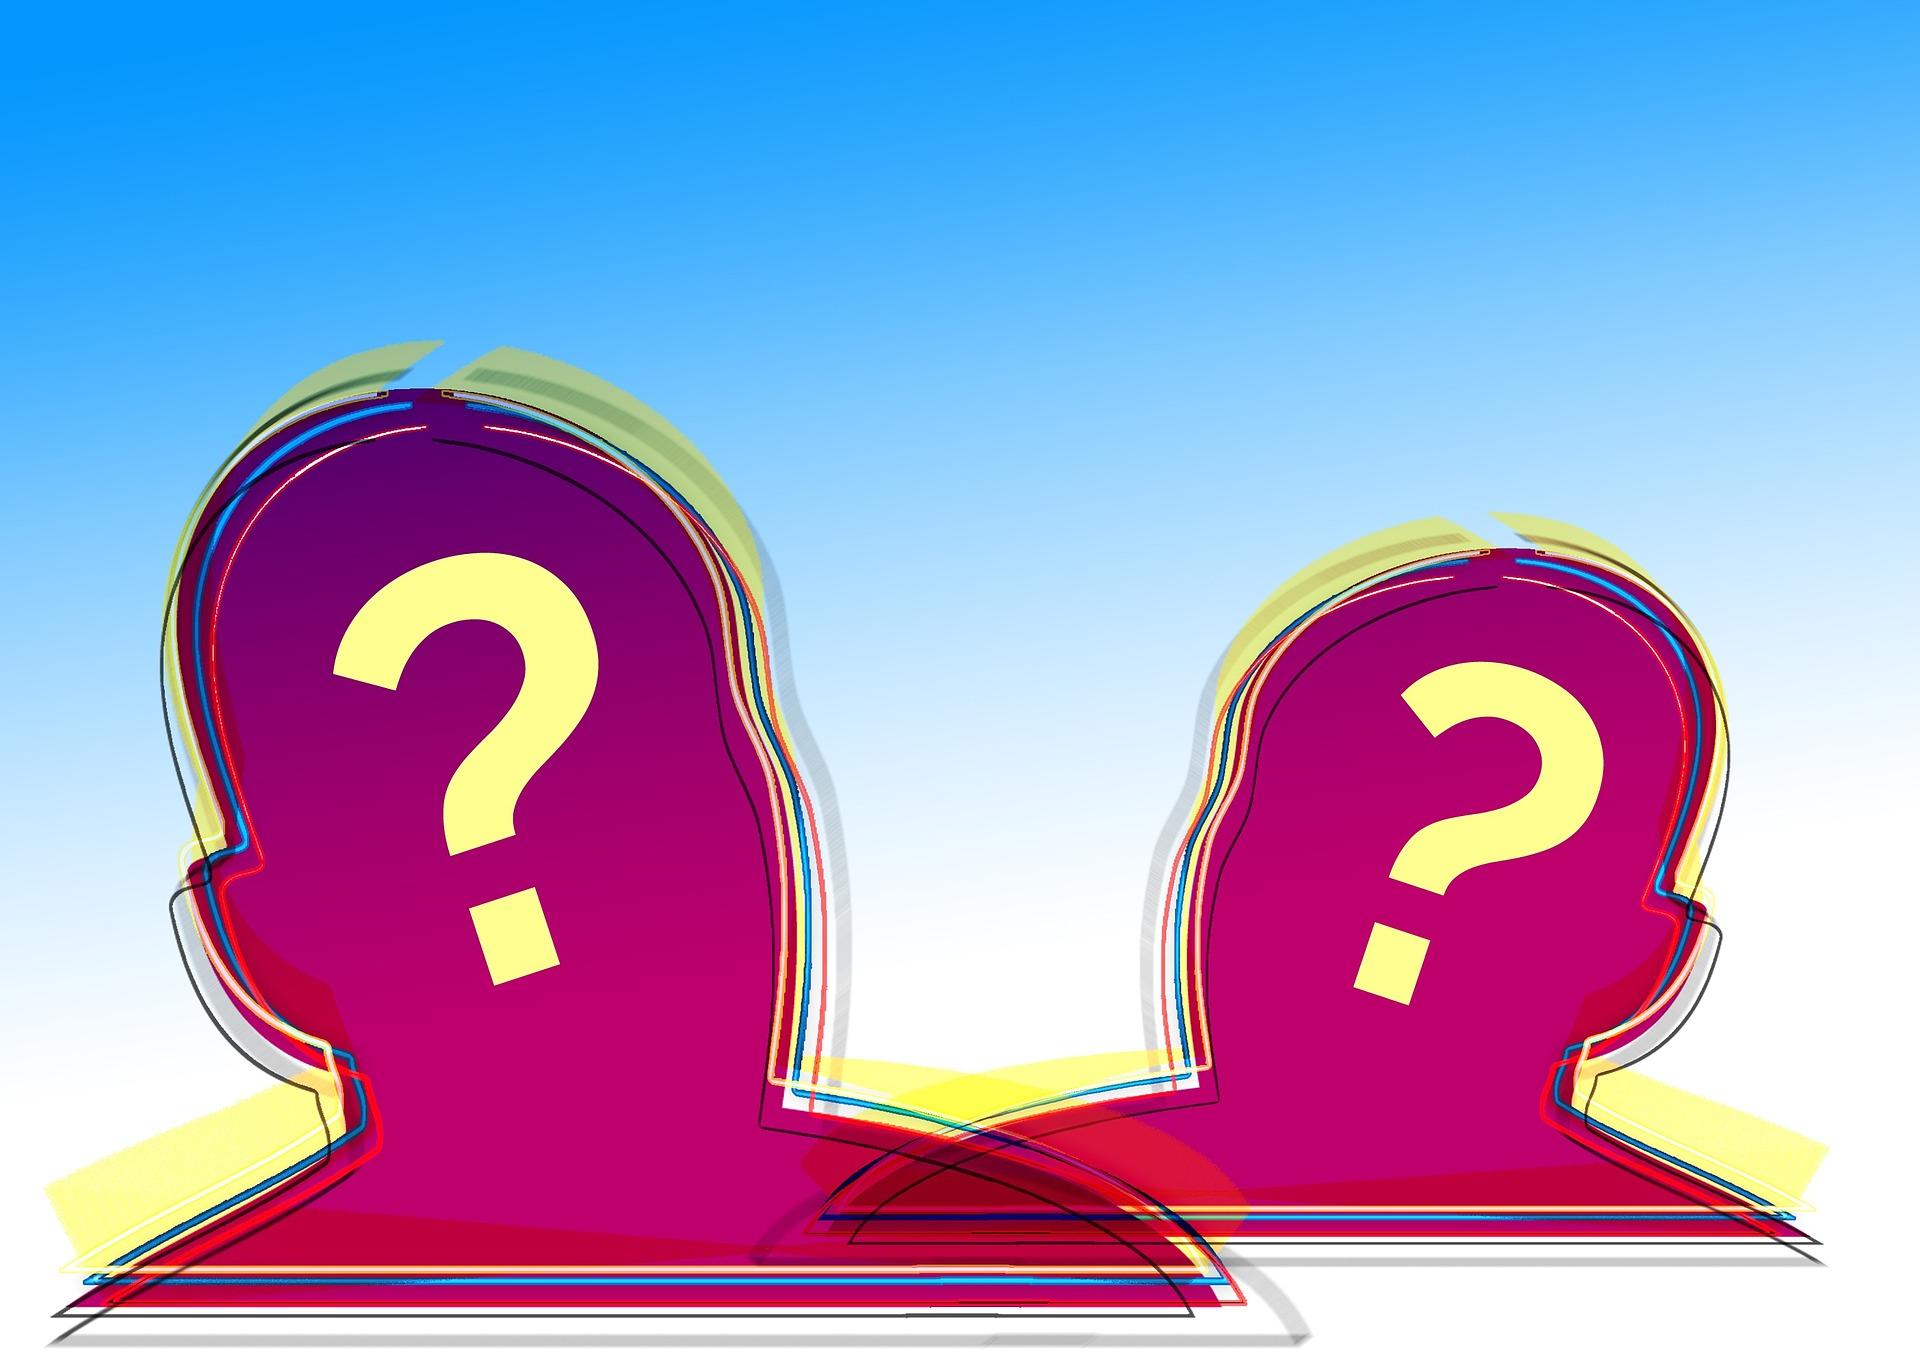 Comment donner à des associations quand on est collégiens, lycéens ou étudiants ? Et être un citoyen responsable ?